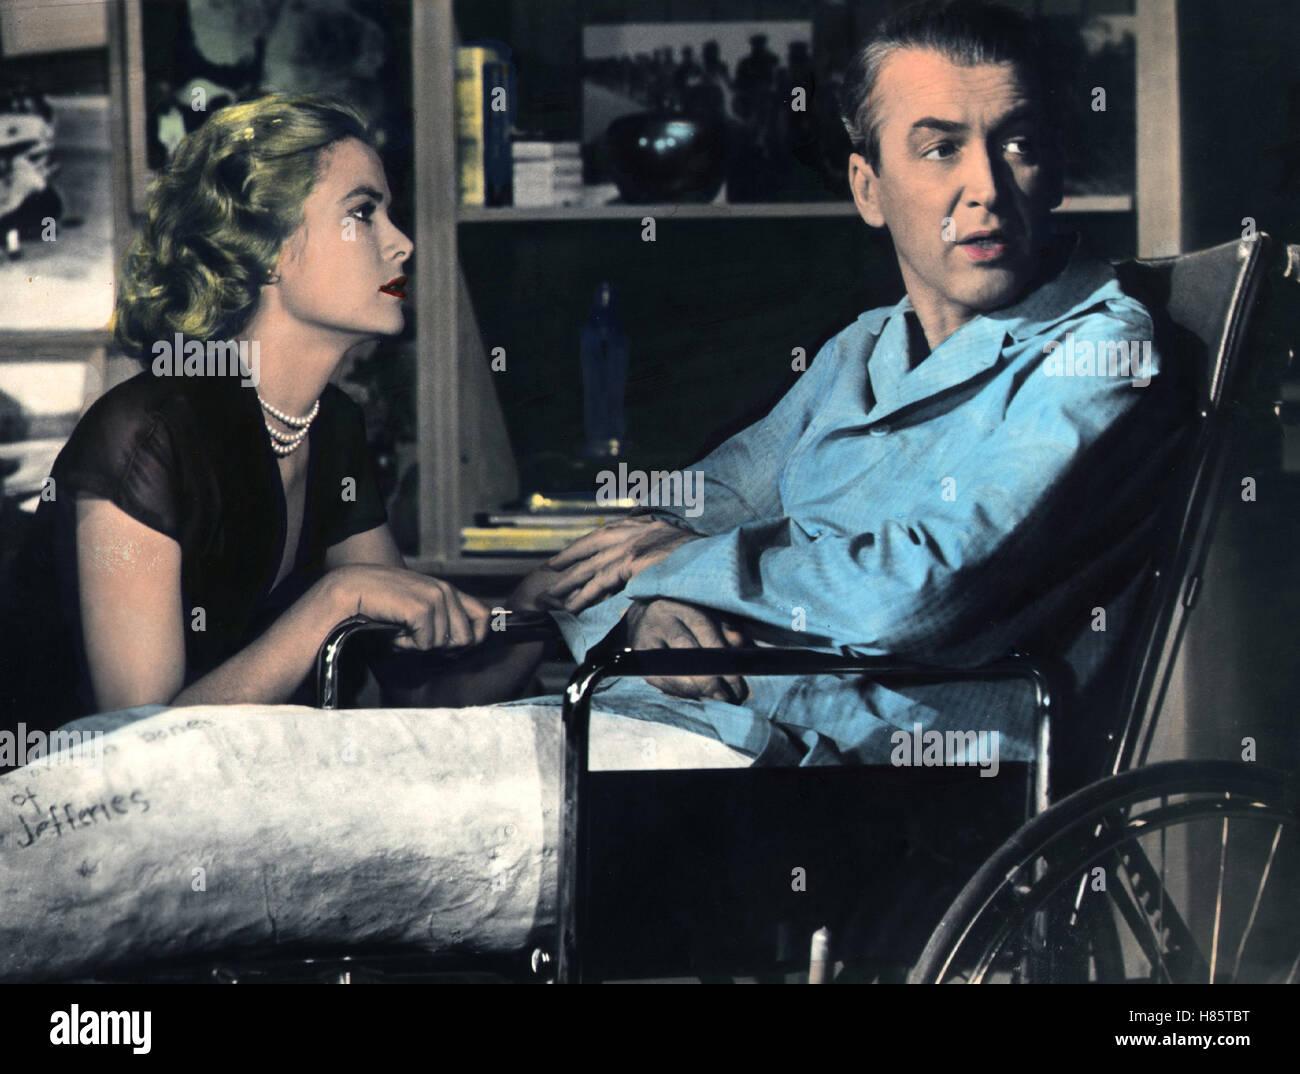 Das Fenster zum Hof, (REAR WINDOW) USA 1954, Regie: Alfred Hitchcock, GRACE KELLY, JAMES STEWART, Stichwort:  Rollstuhl, - Stock Image